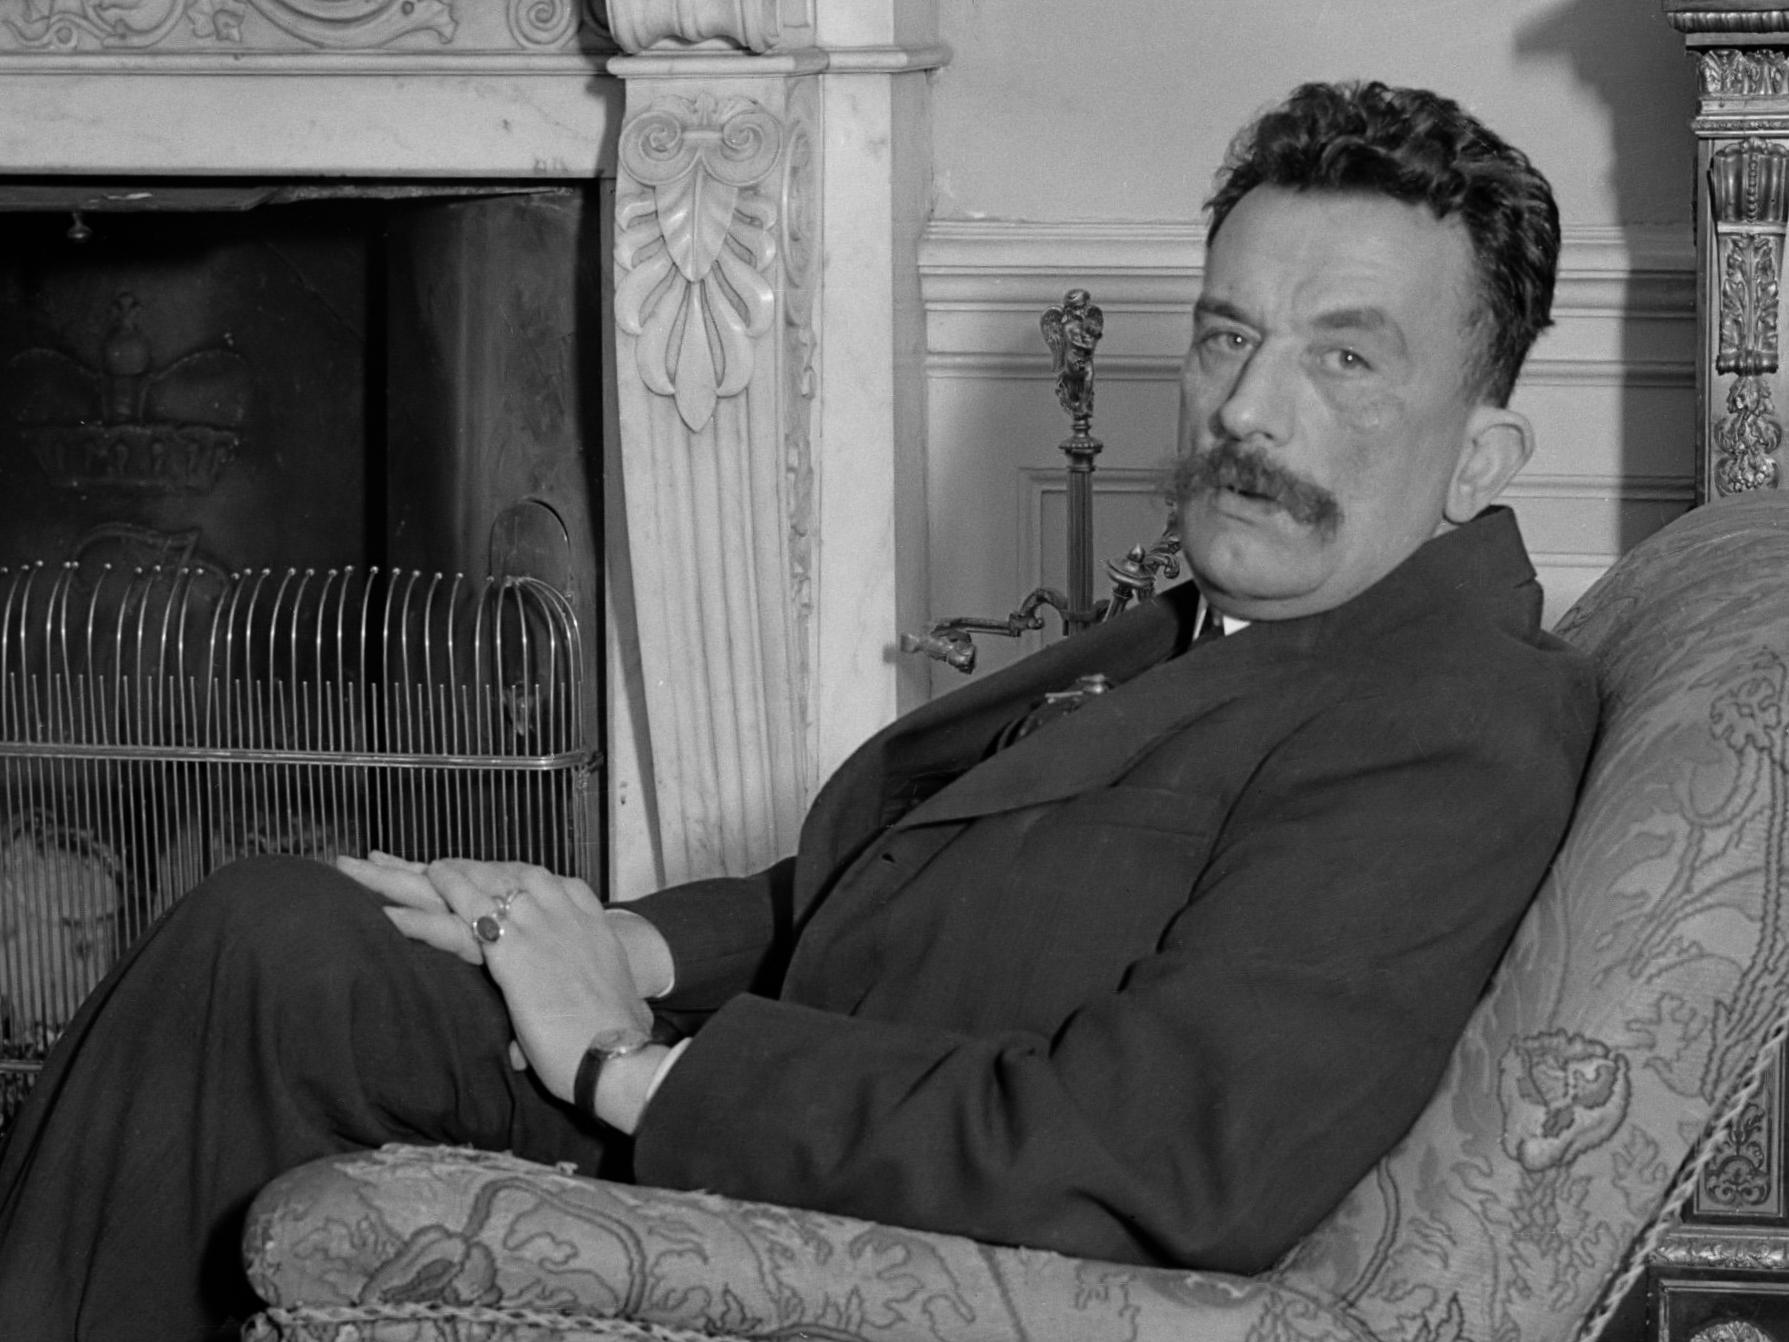 Adam Branicki, ojciec Anny - rok 1934 (fot. Willem Van de Poll / wikimedia.org / CC BY-SA 3.0)